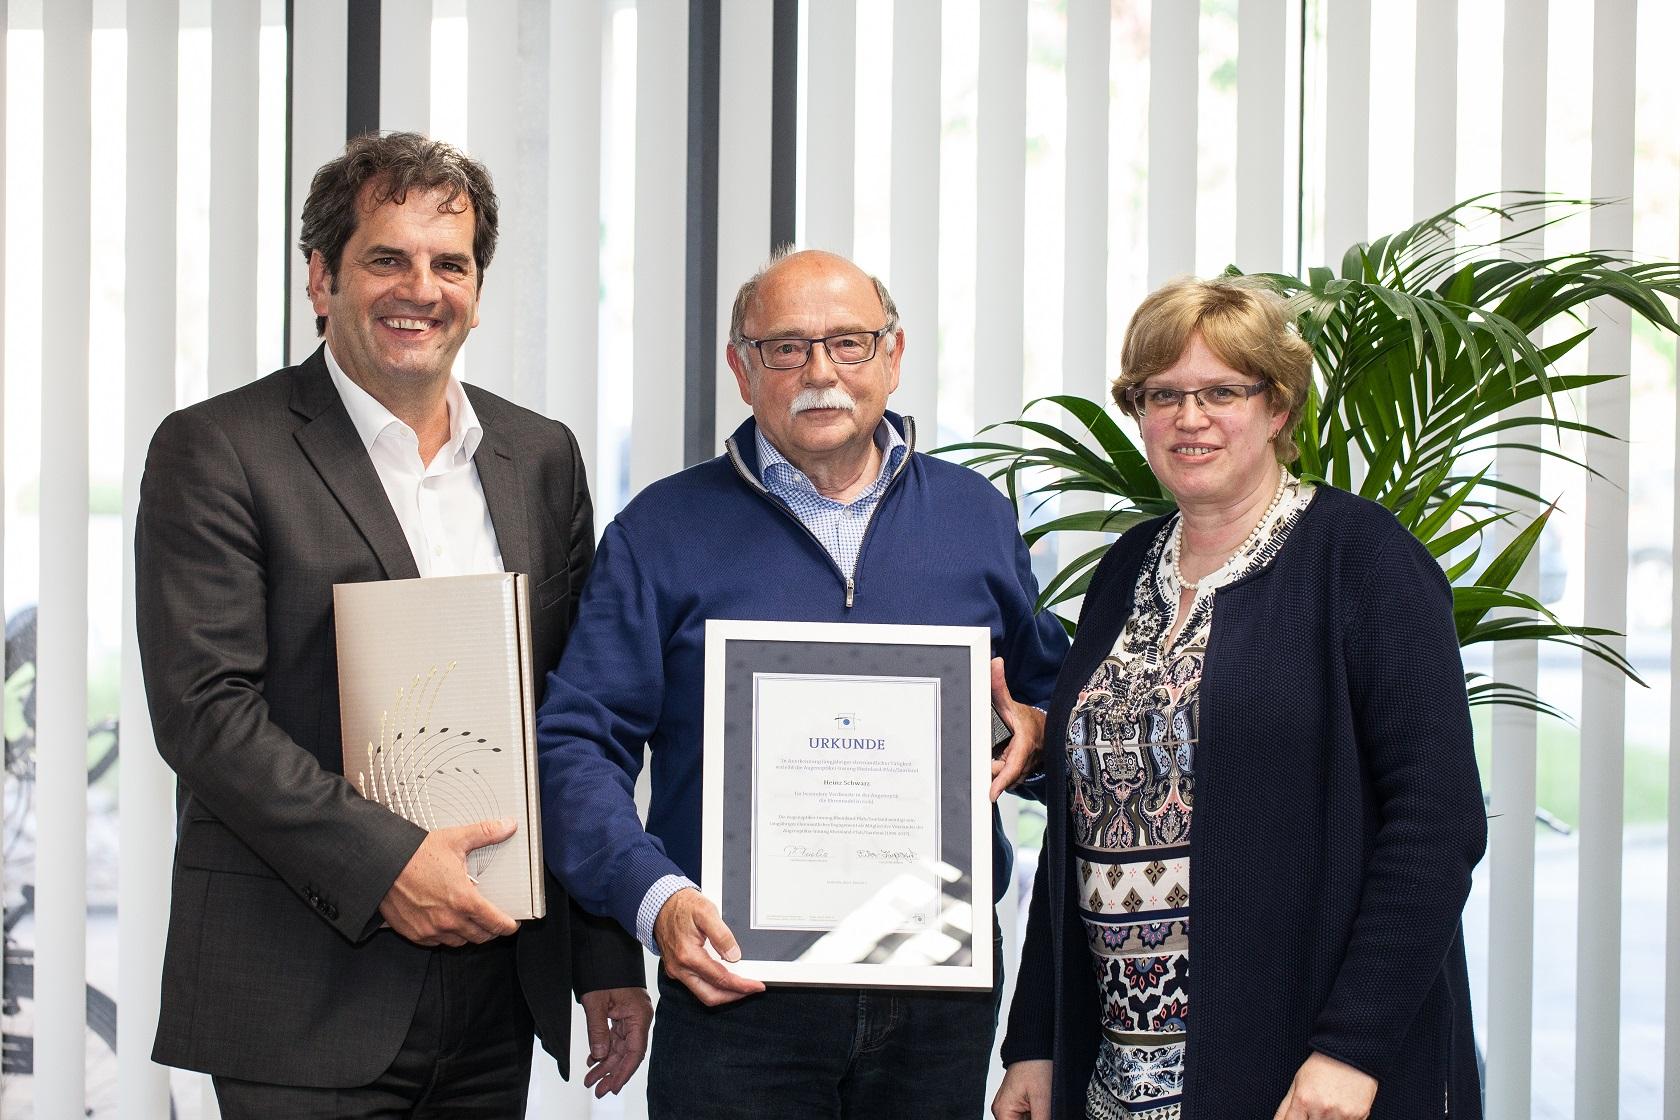 Ehrenurkunde und Auszeichnung für jahrzehntelange Tätigkeit im Vorstand